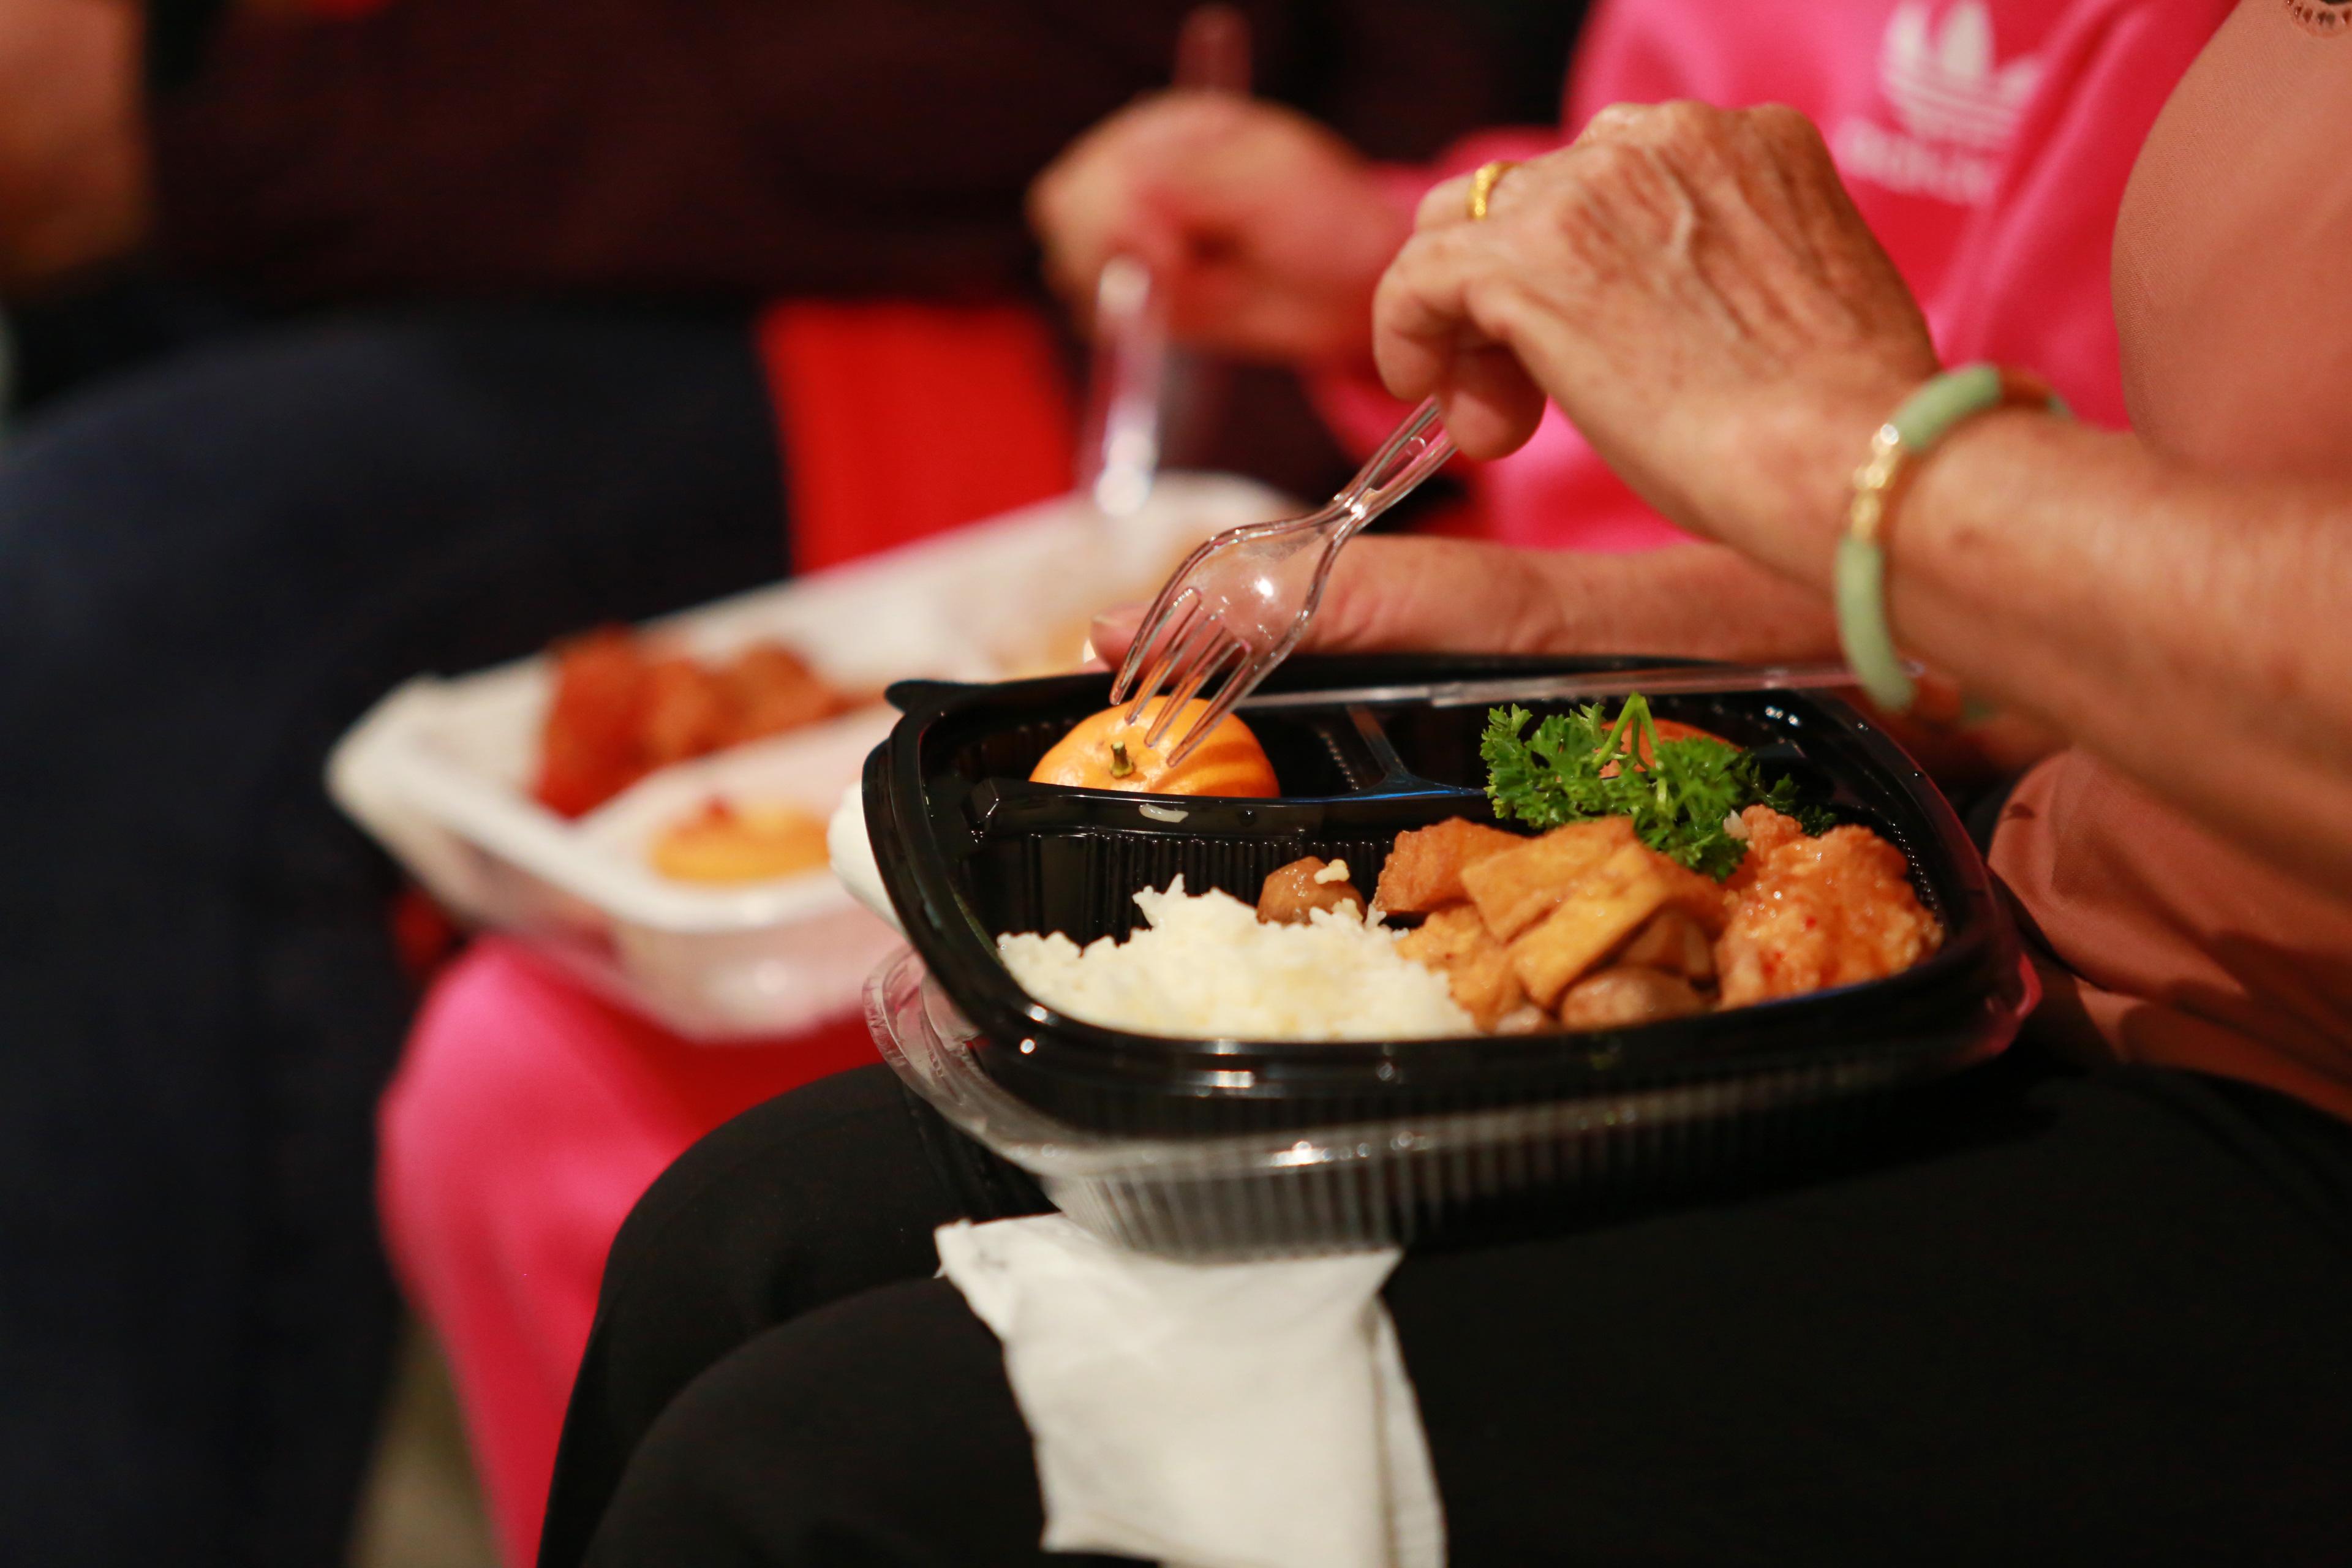 Khẩu phần ăn của hành khách được phát miễn phí.